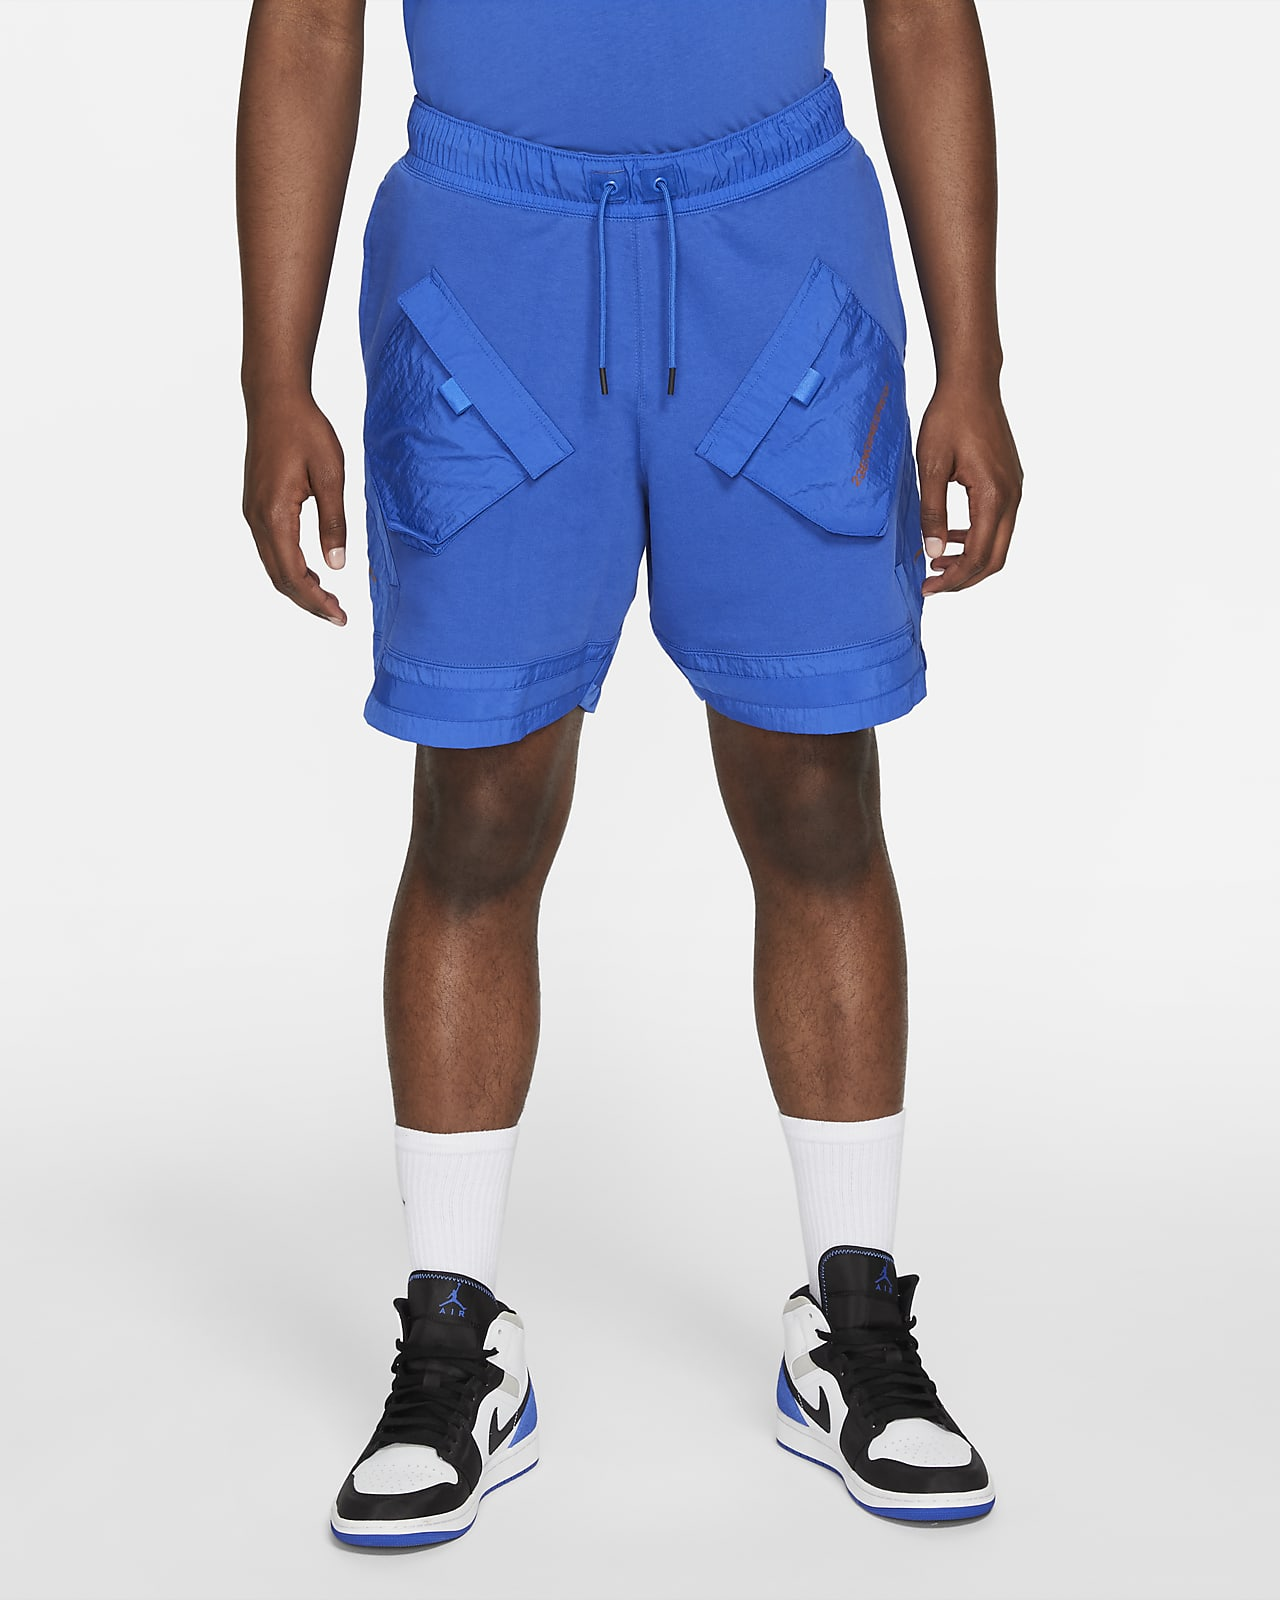 Shorts de tejido Fleece para hombre Jordan 23 Engineered